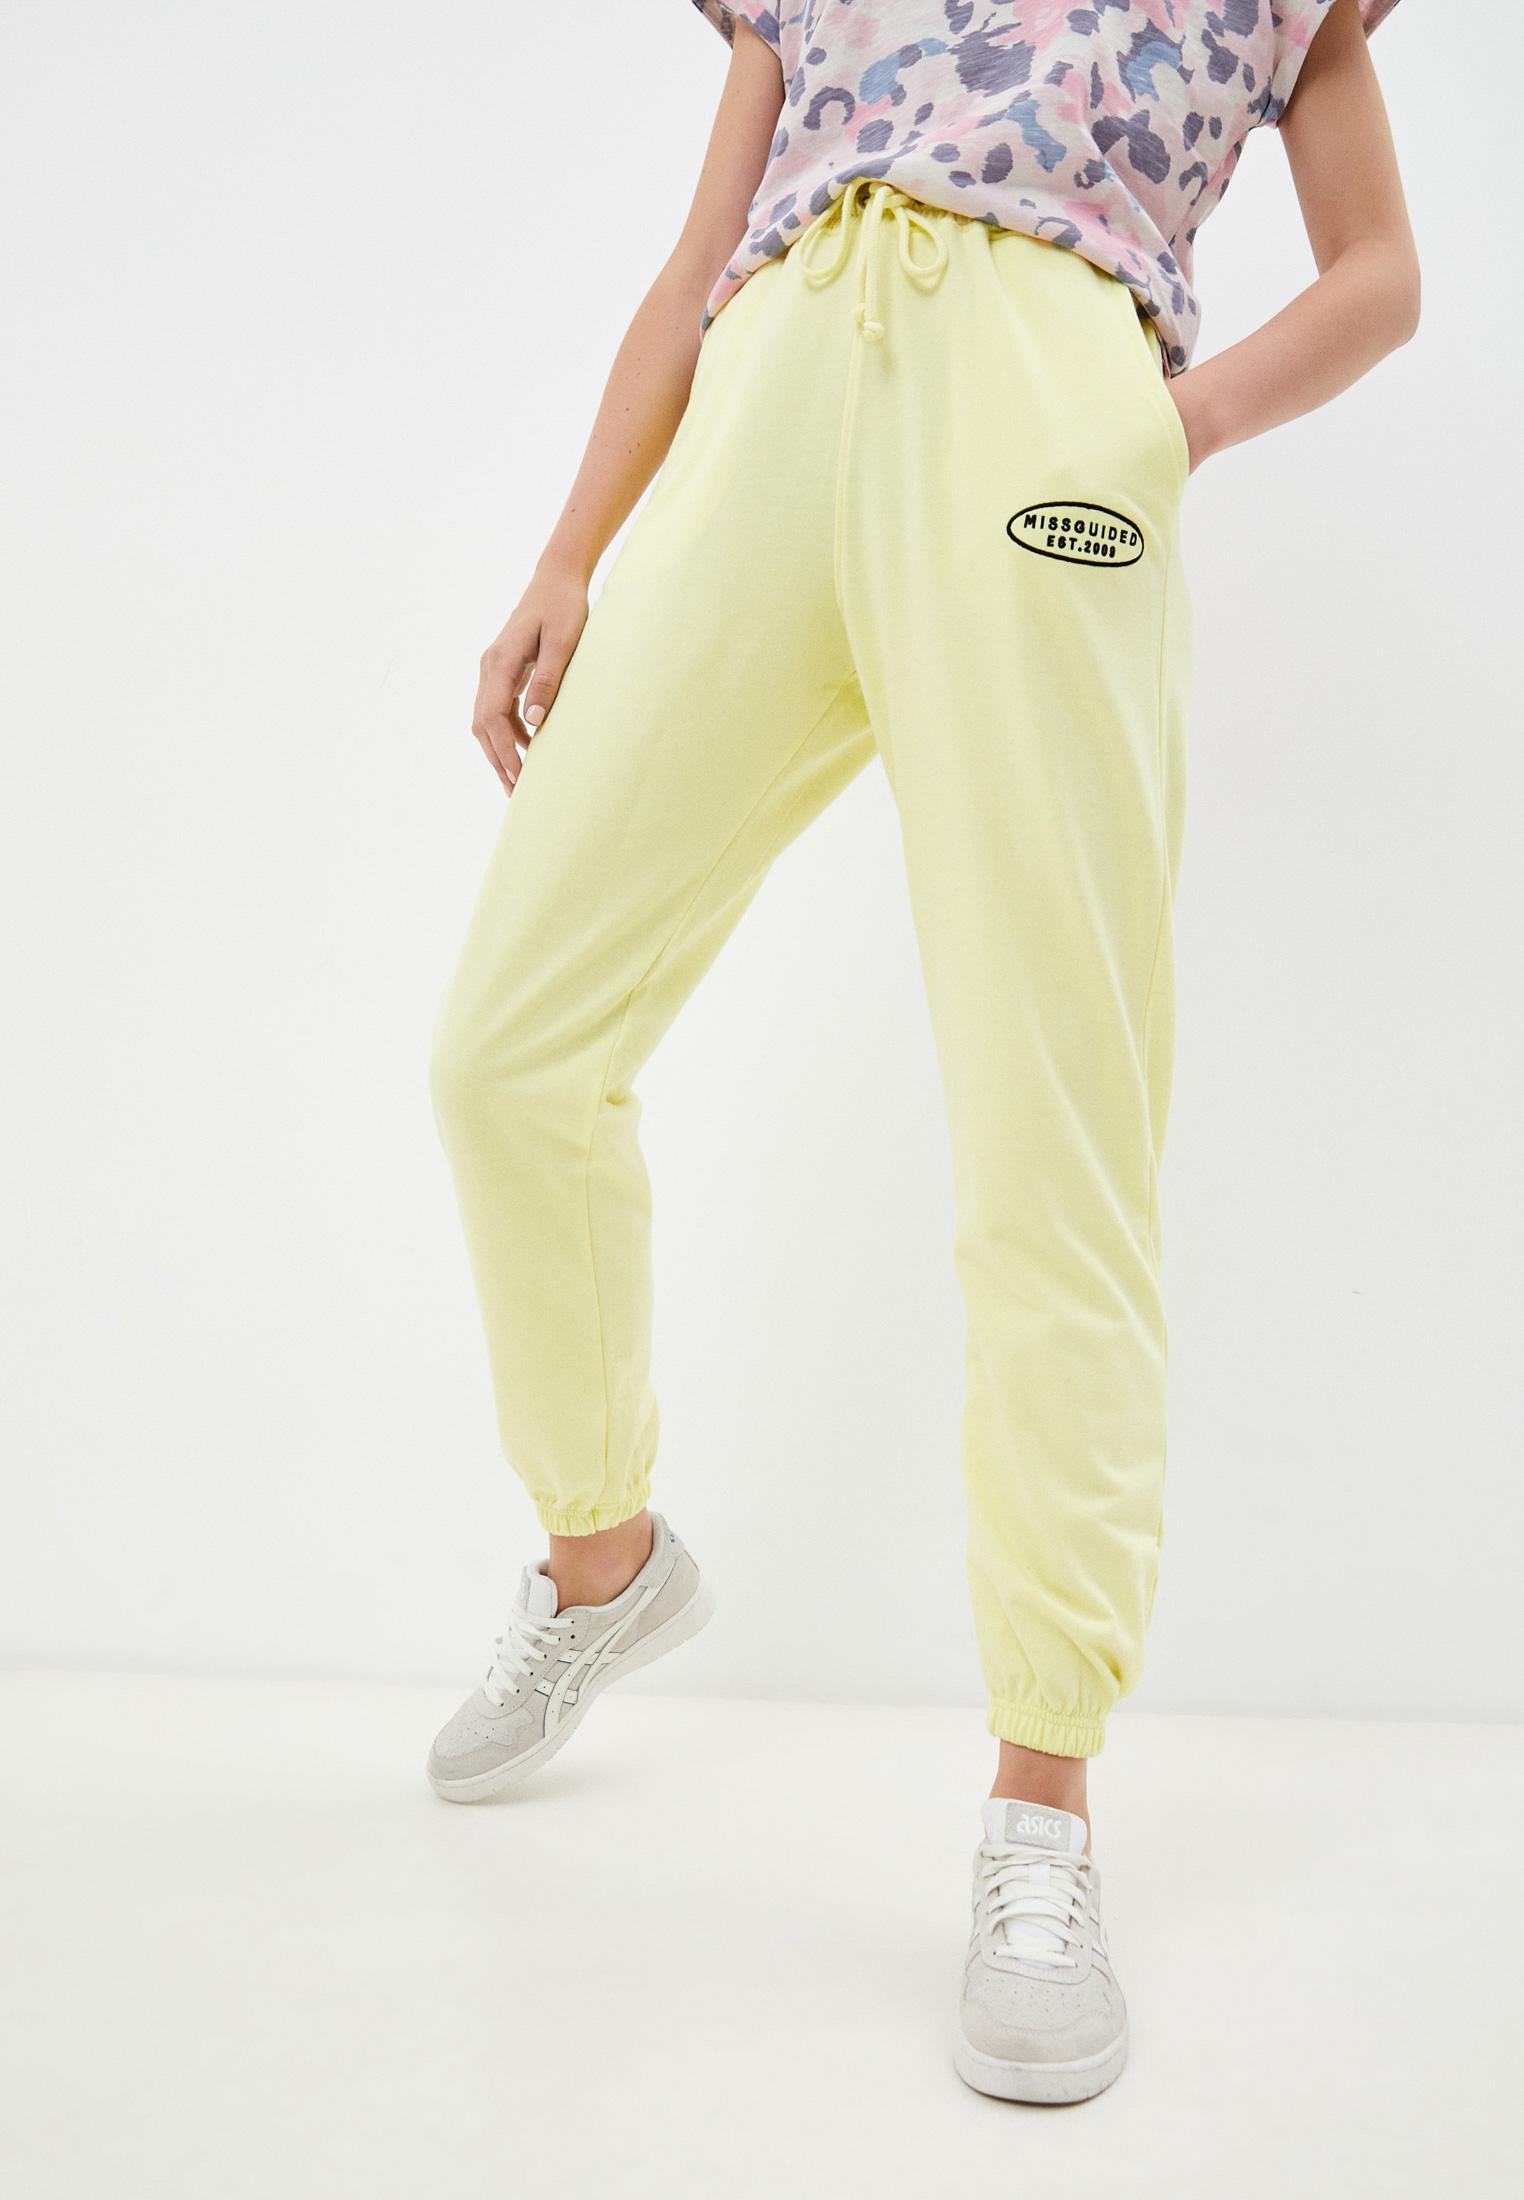 Женские спортивные брюки MISSGUIDED R9347291